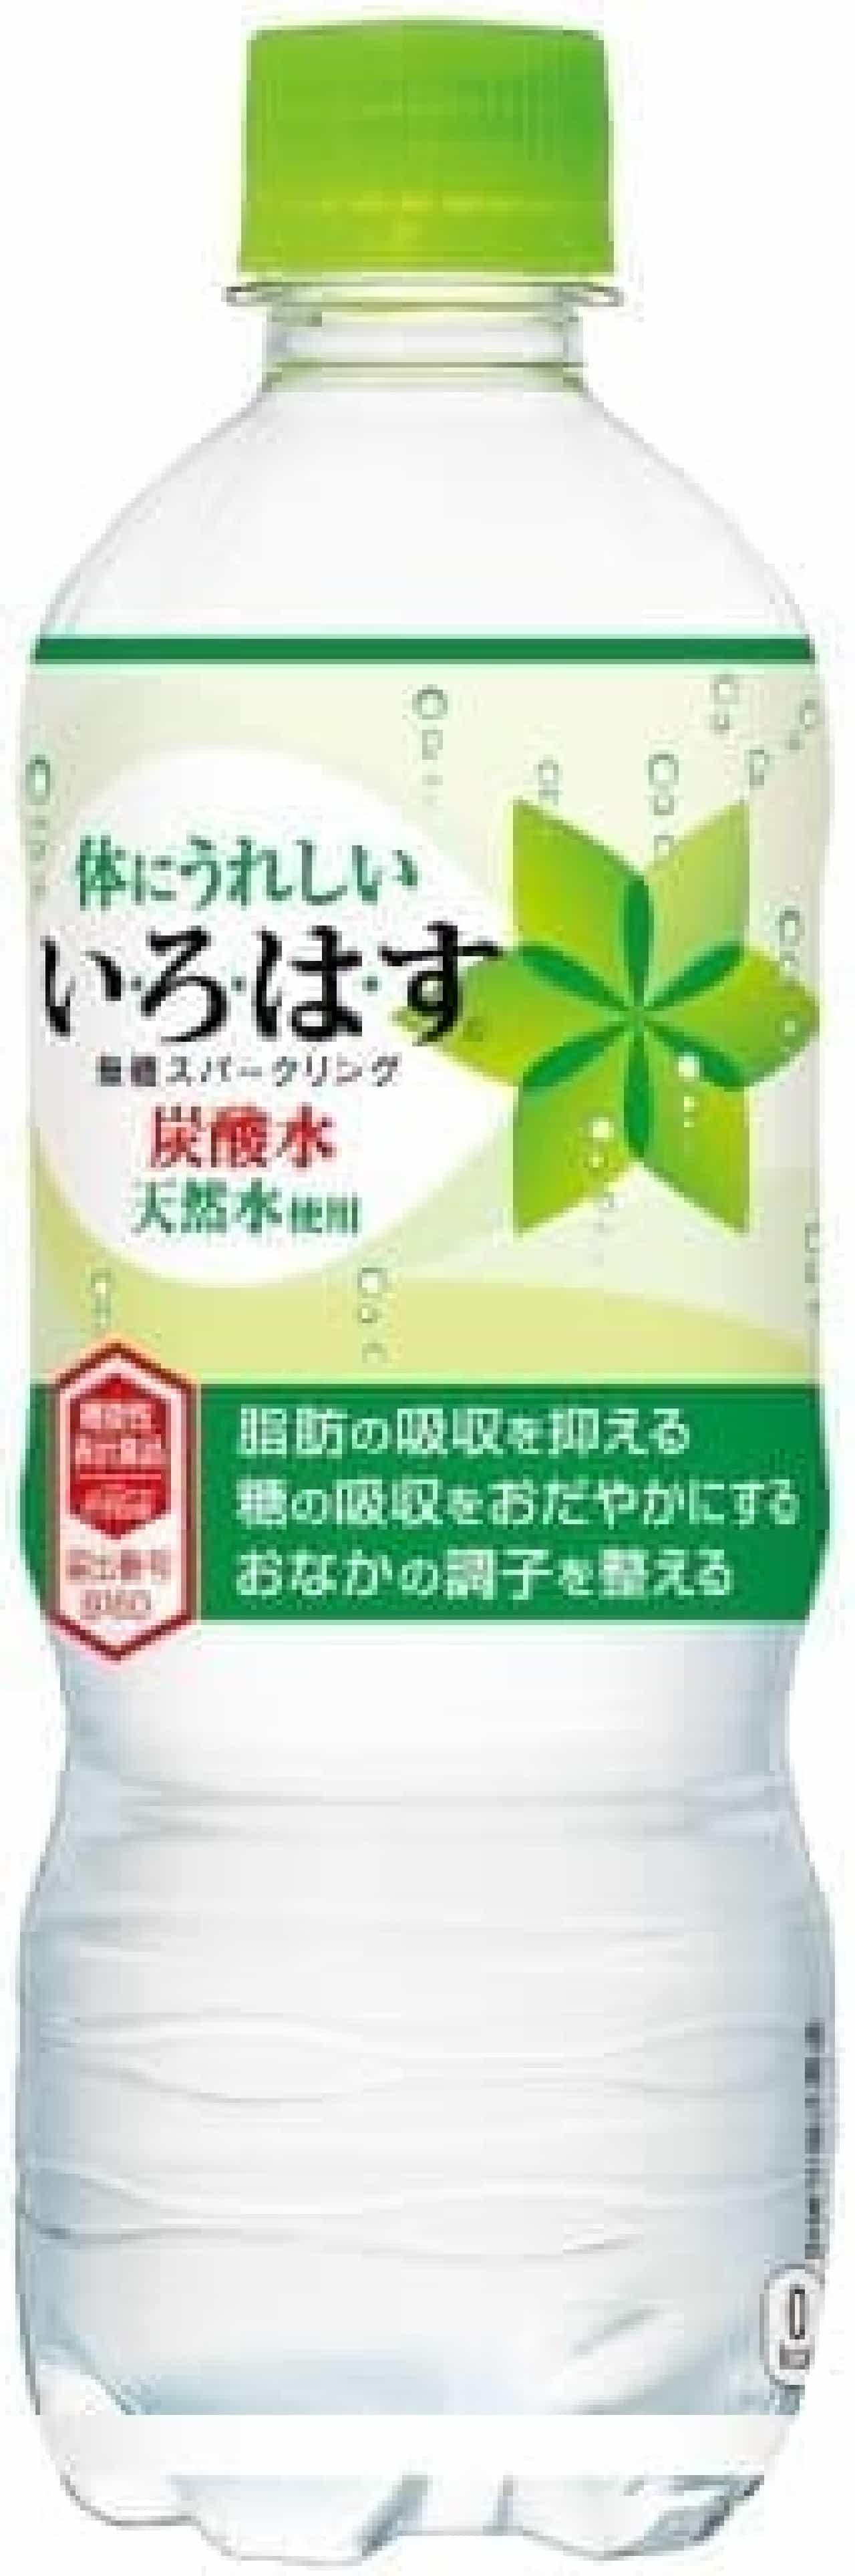 コカ・コーラシステム「い・ろ・は・す 無糖スパークリング」